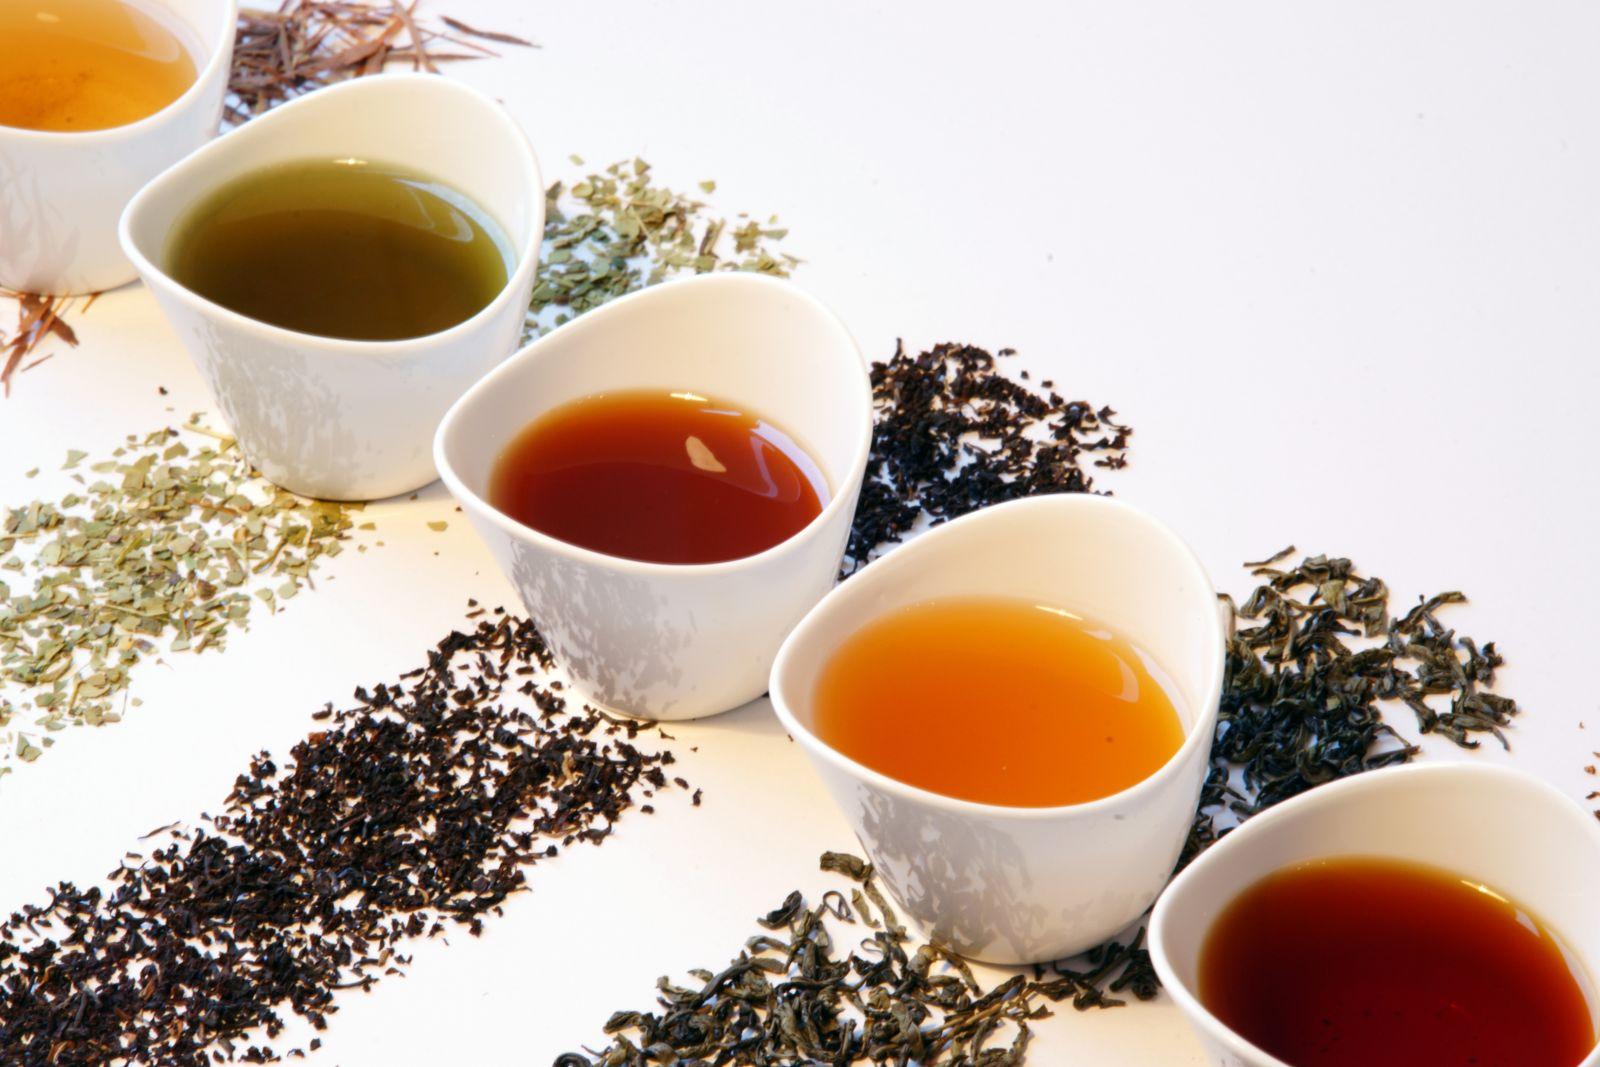 Диетолог перечислила лучшие чаи для выведения токсинов